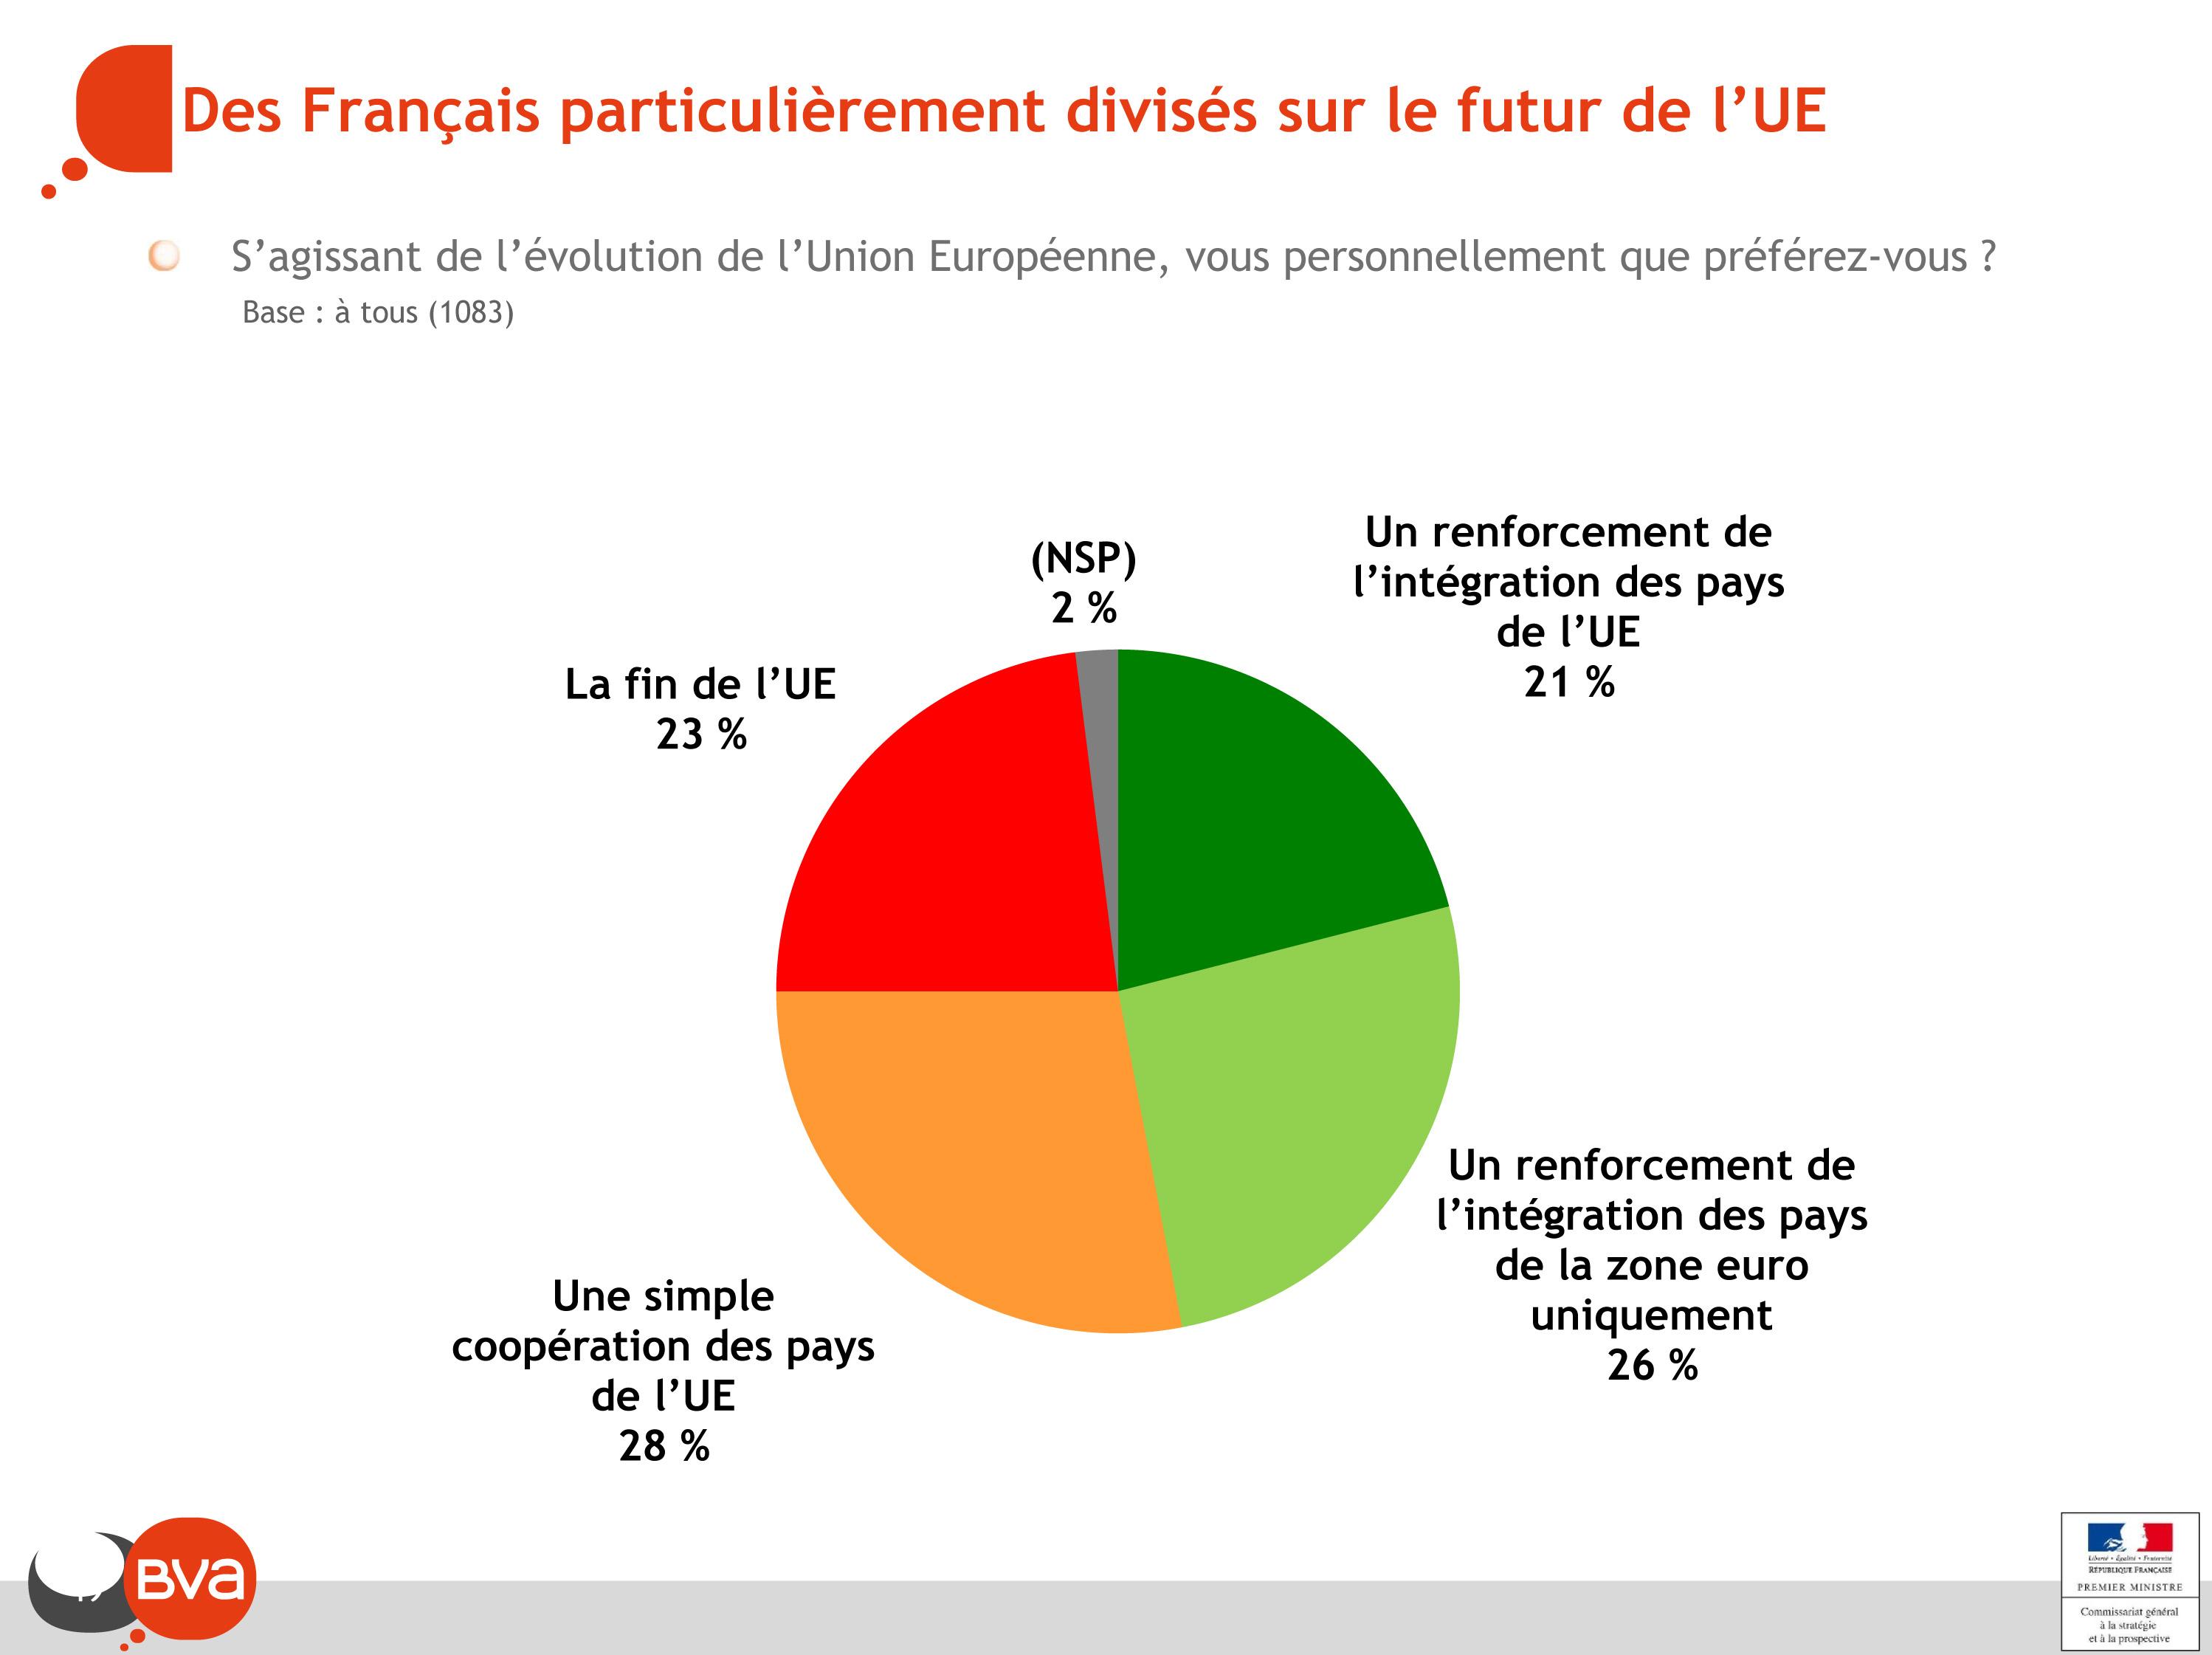 Des Français particulièrement divisés sur le futur de l'UE